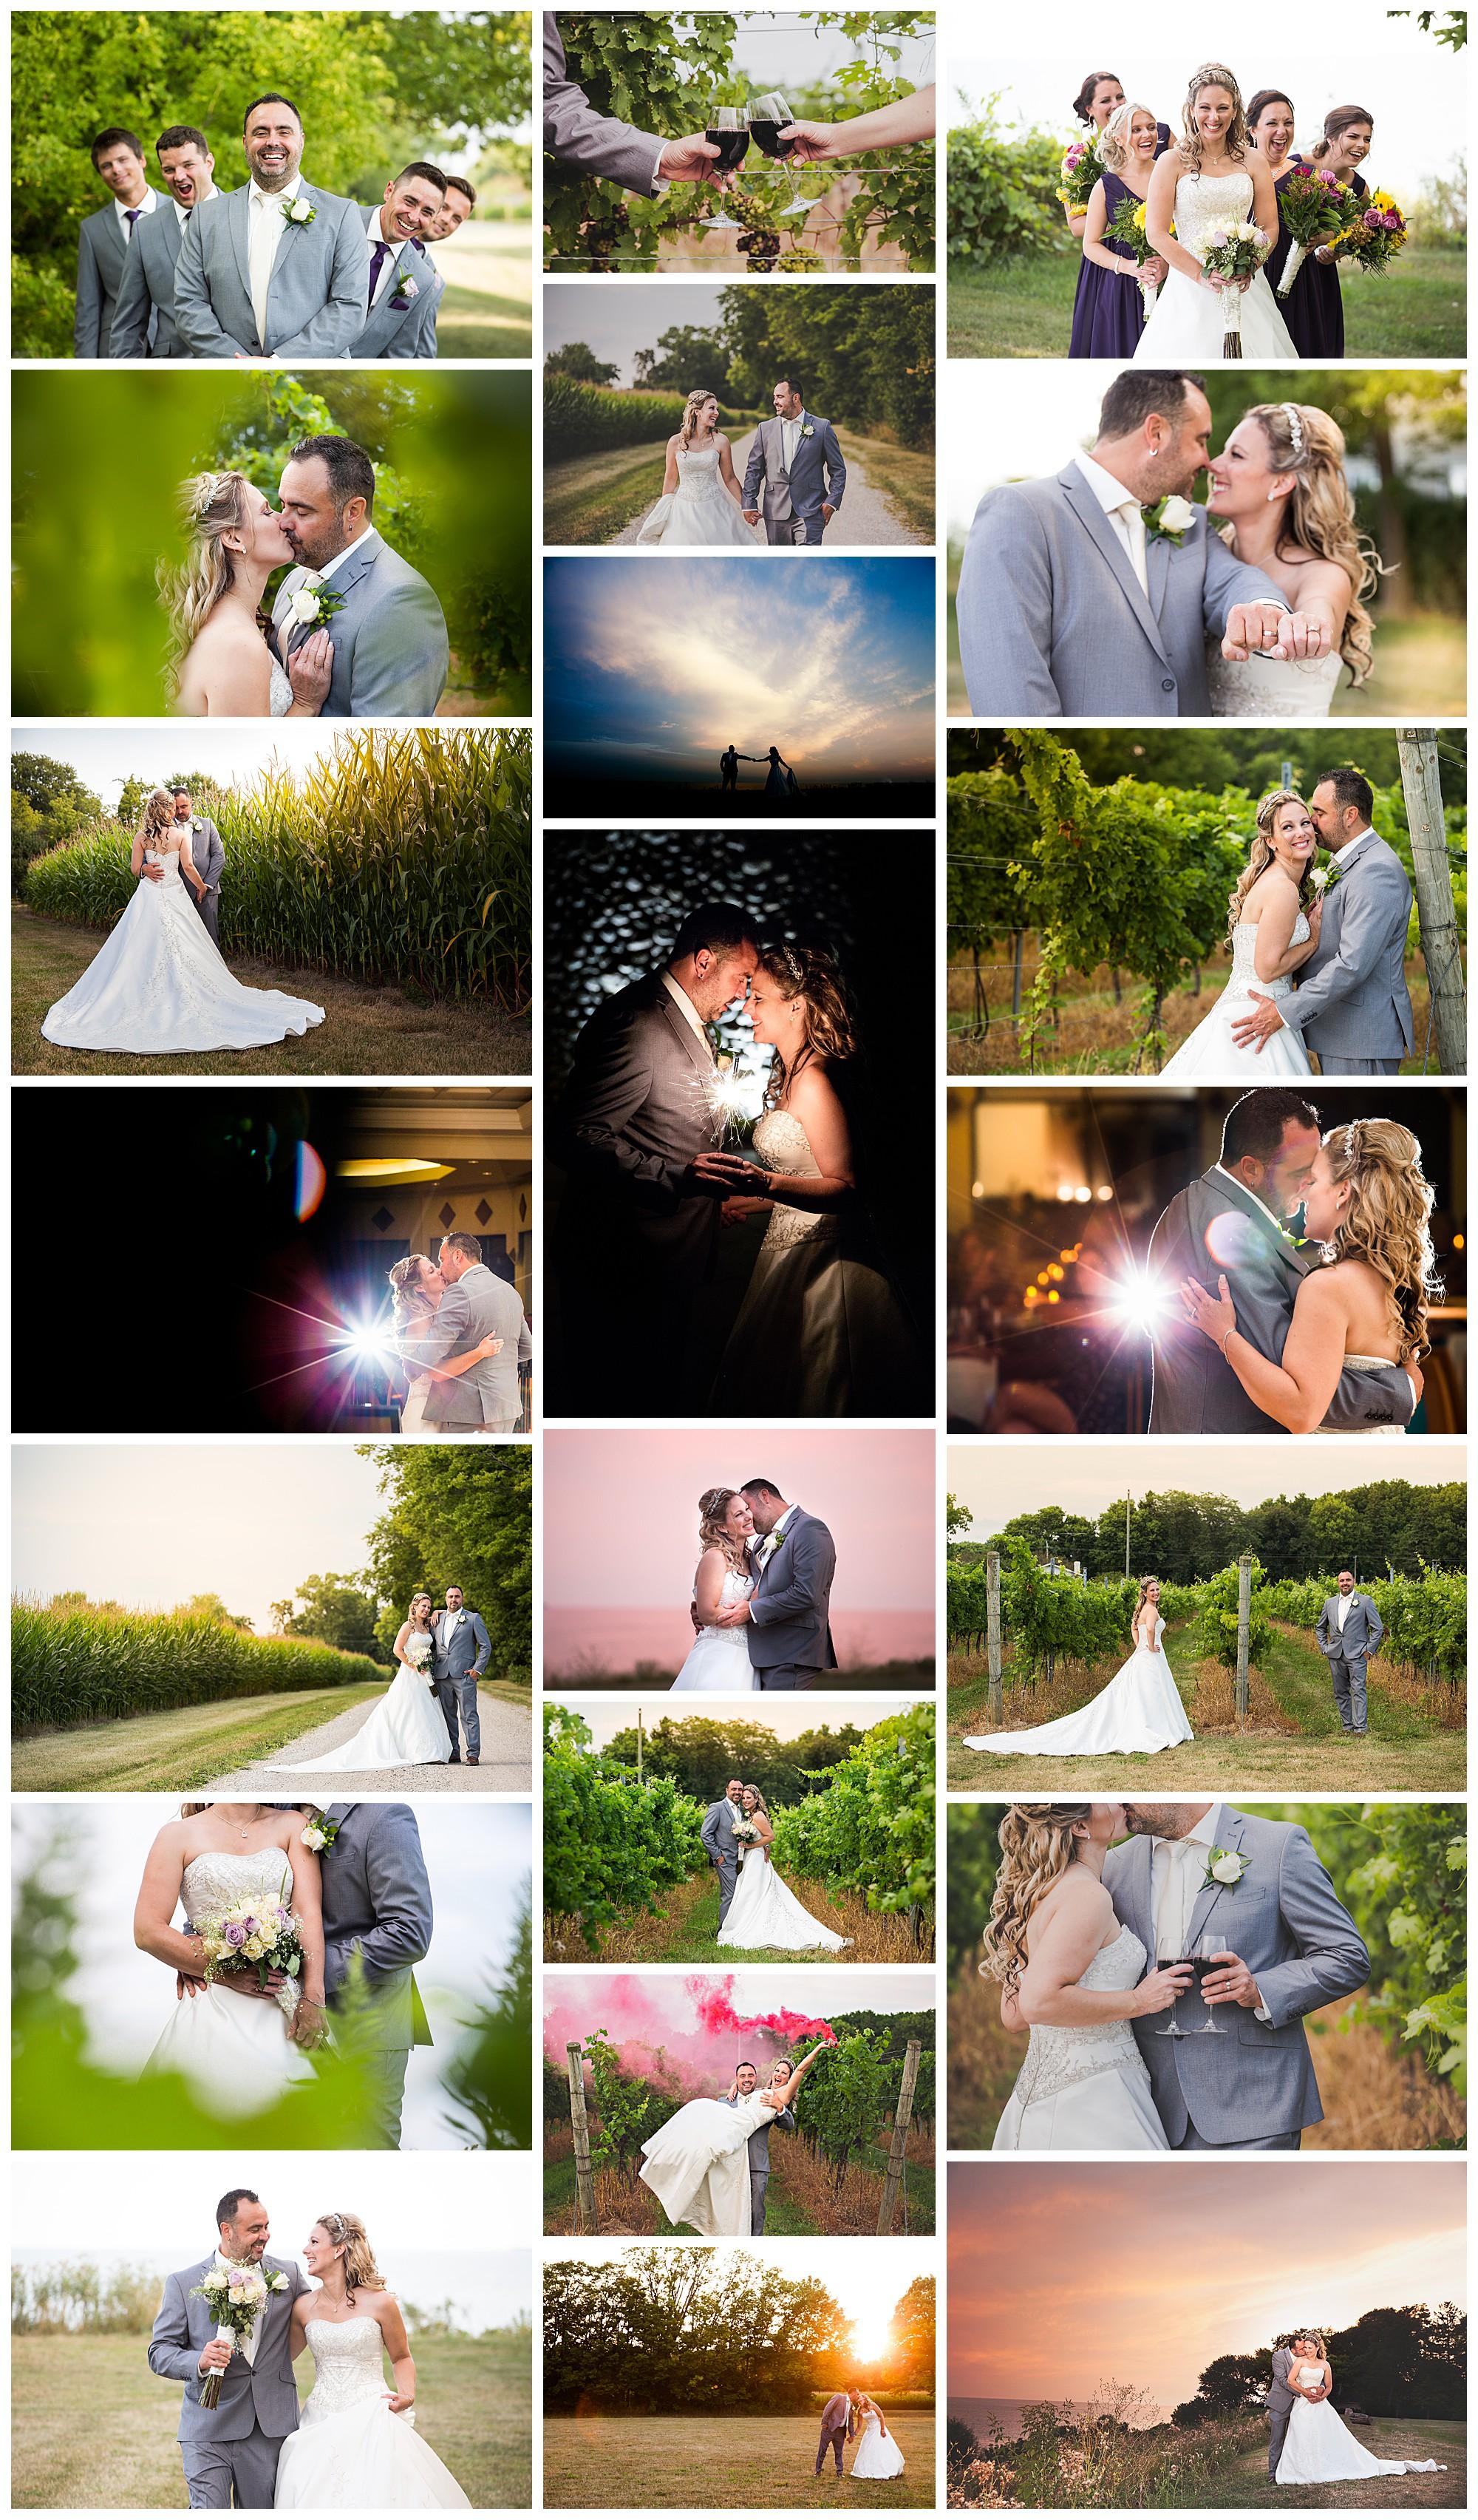 Viewpointe Estate Winery, Harrow, Ontario wedding photos by VanDaele & Russell